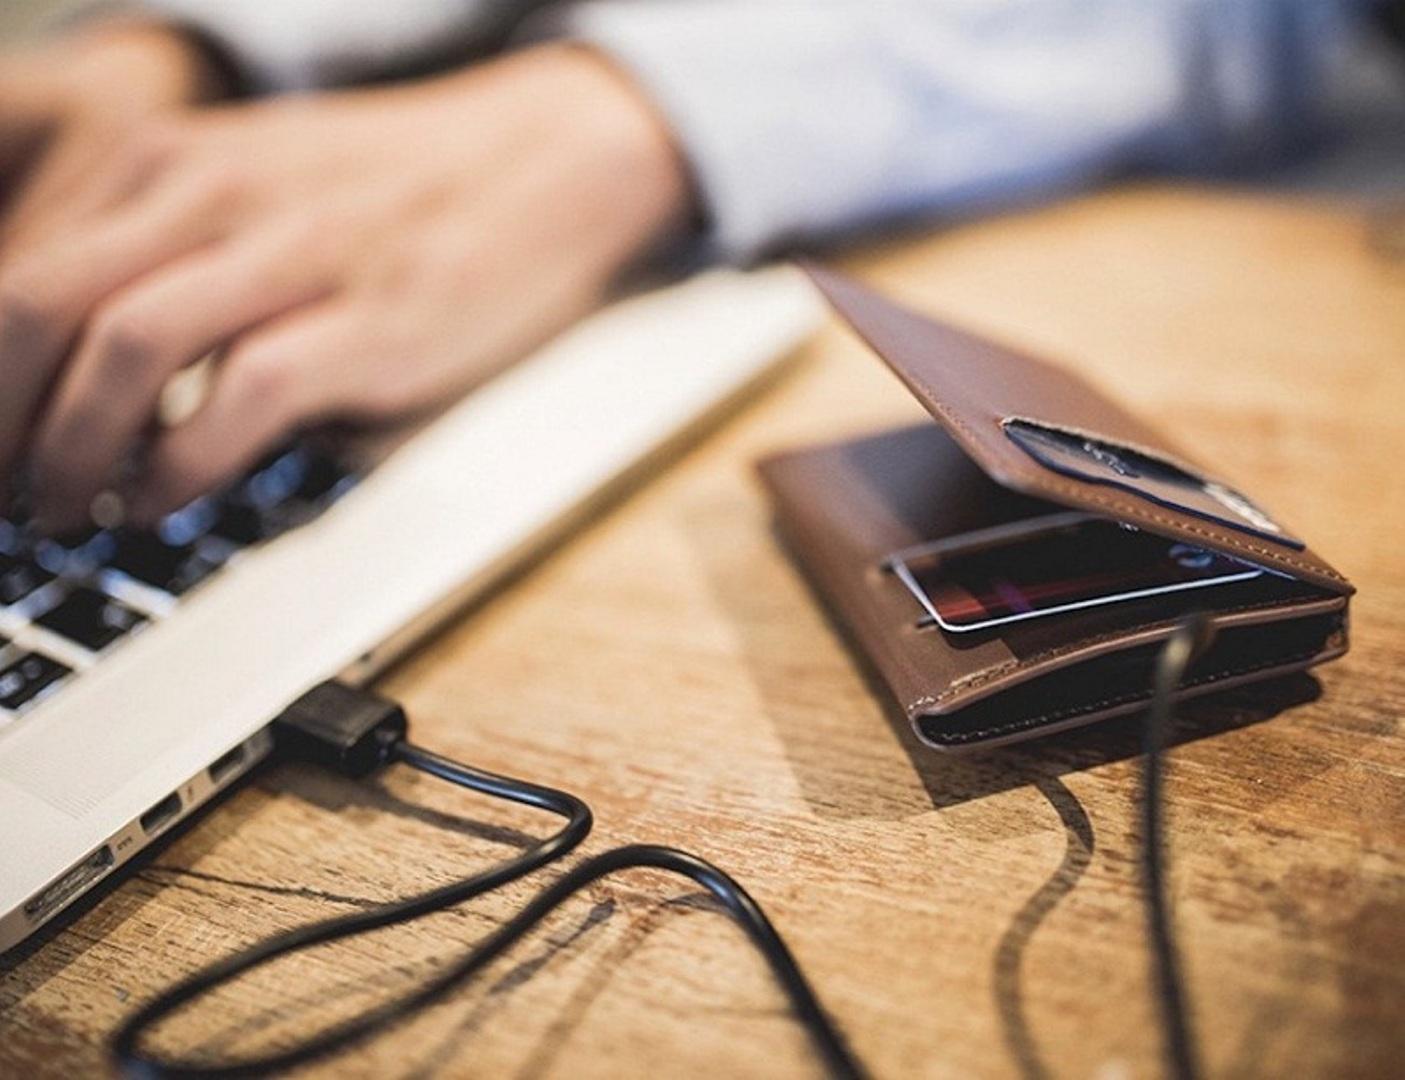 محفظة قادرة على شحن هاتفك المحمول